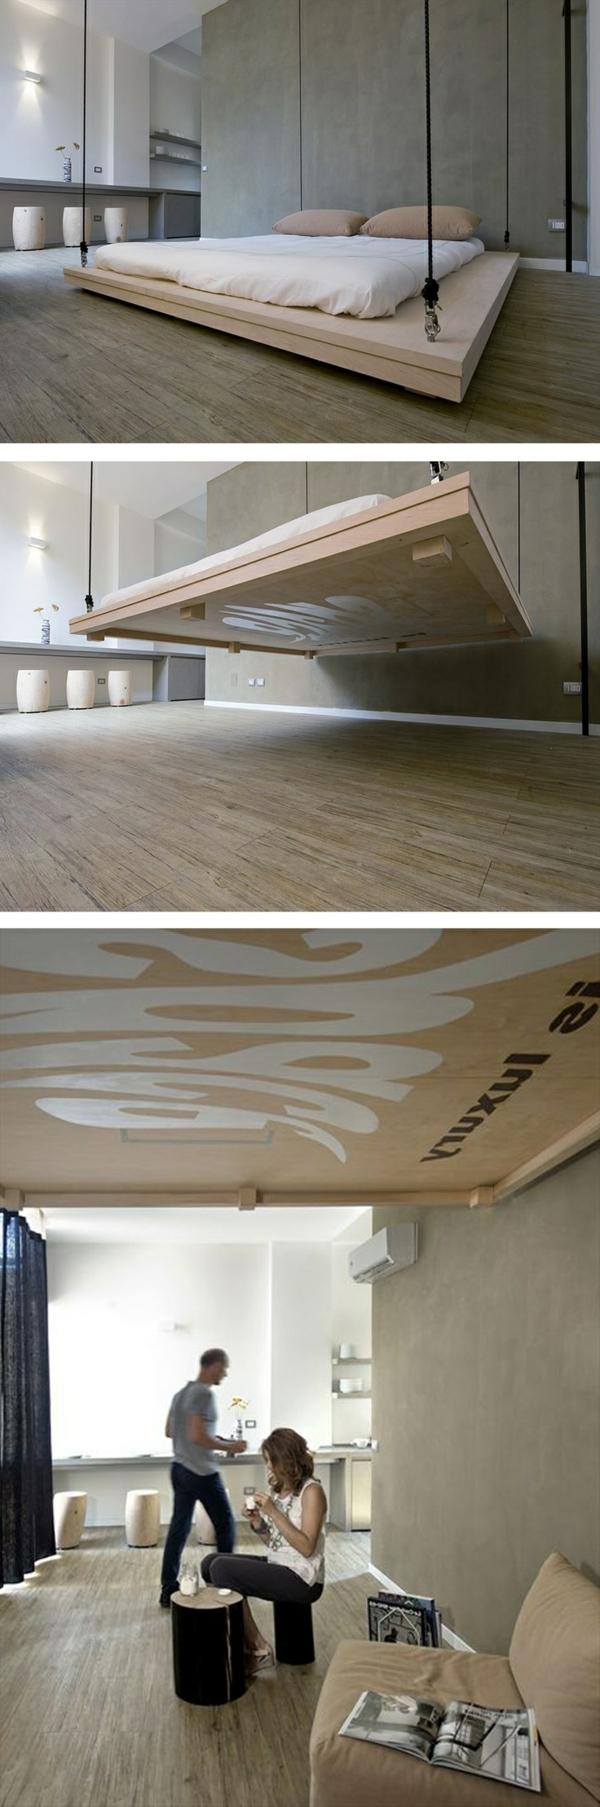 déco-chambre-lit-suspendu-Comment-gaigner-plus-de-espace-idée-créative-resized